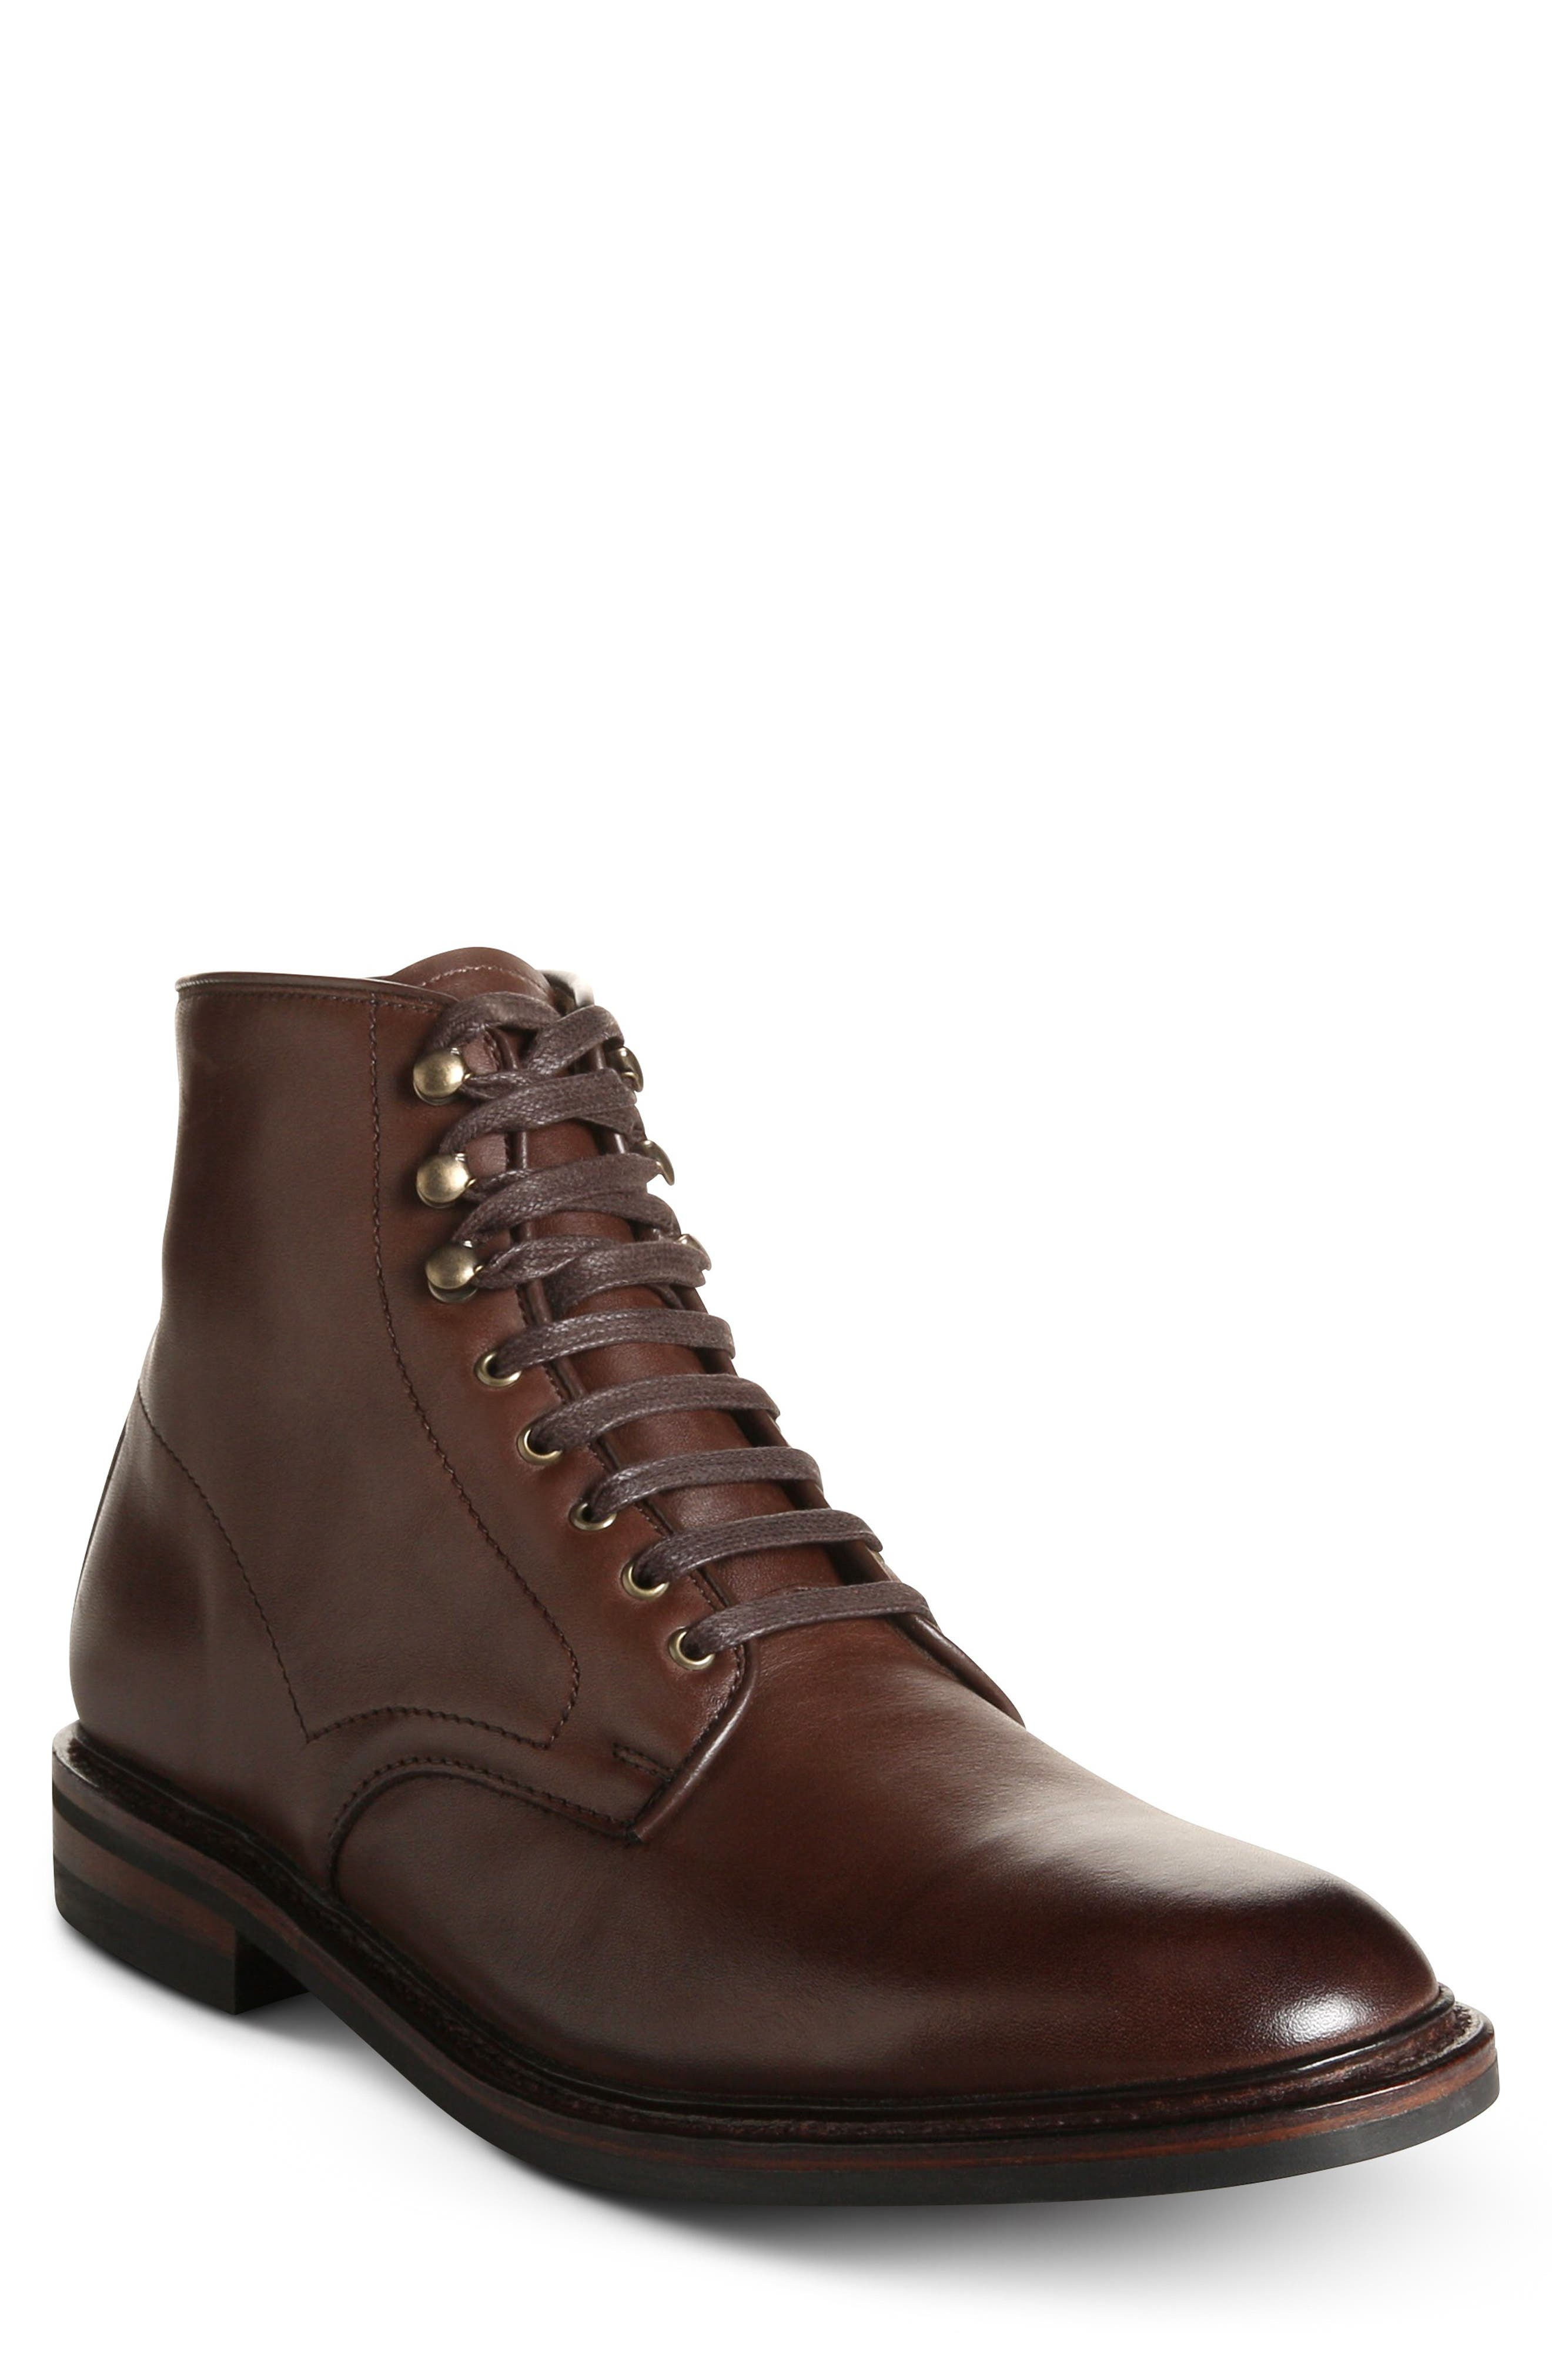 Higgins Weatherproof Plain Toe Boot